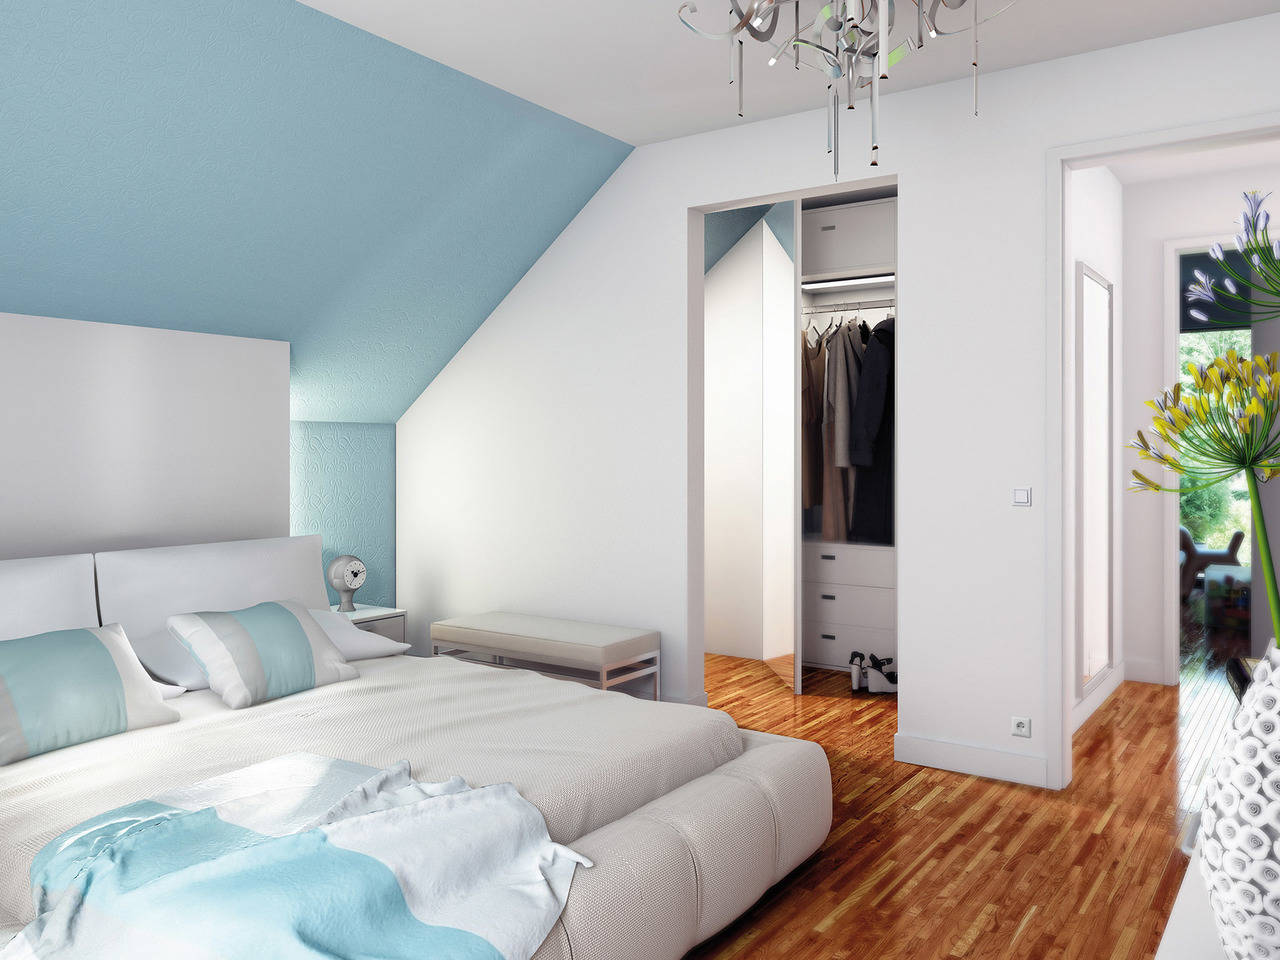 Haus SOLUTION 78 V10 Schlafzimmer von Living Haus